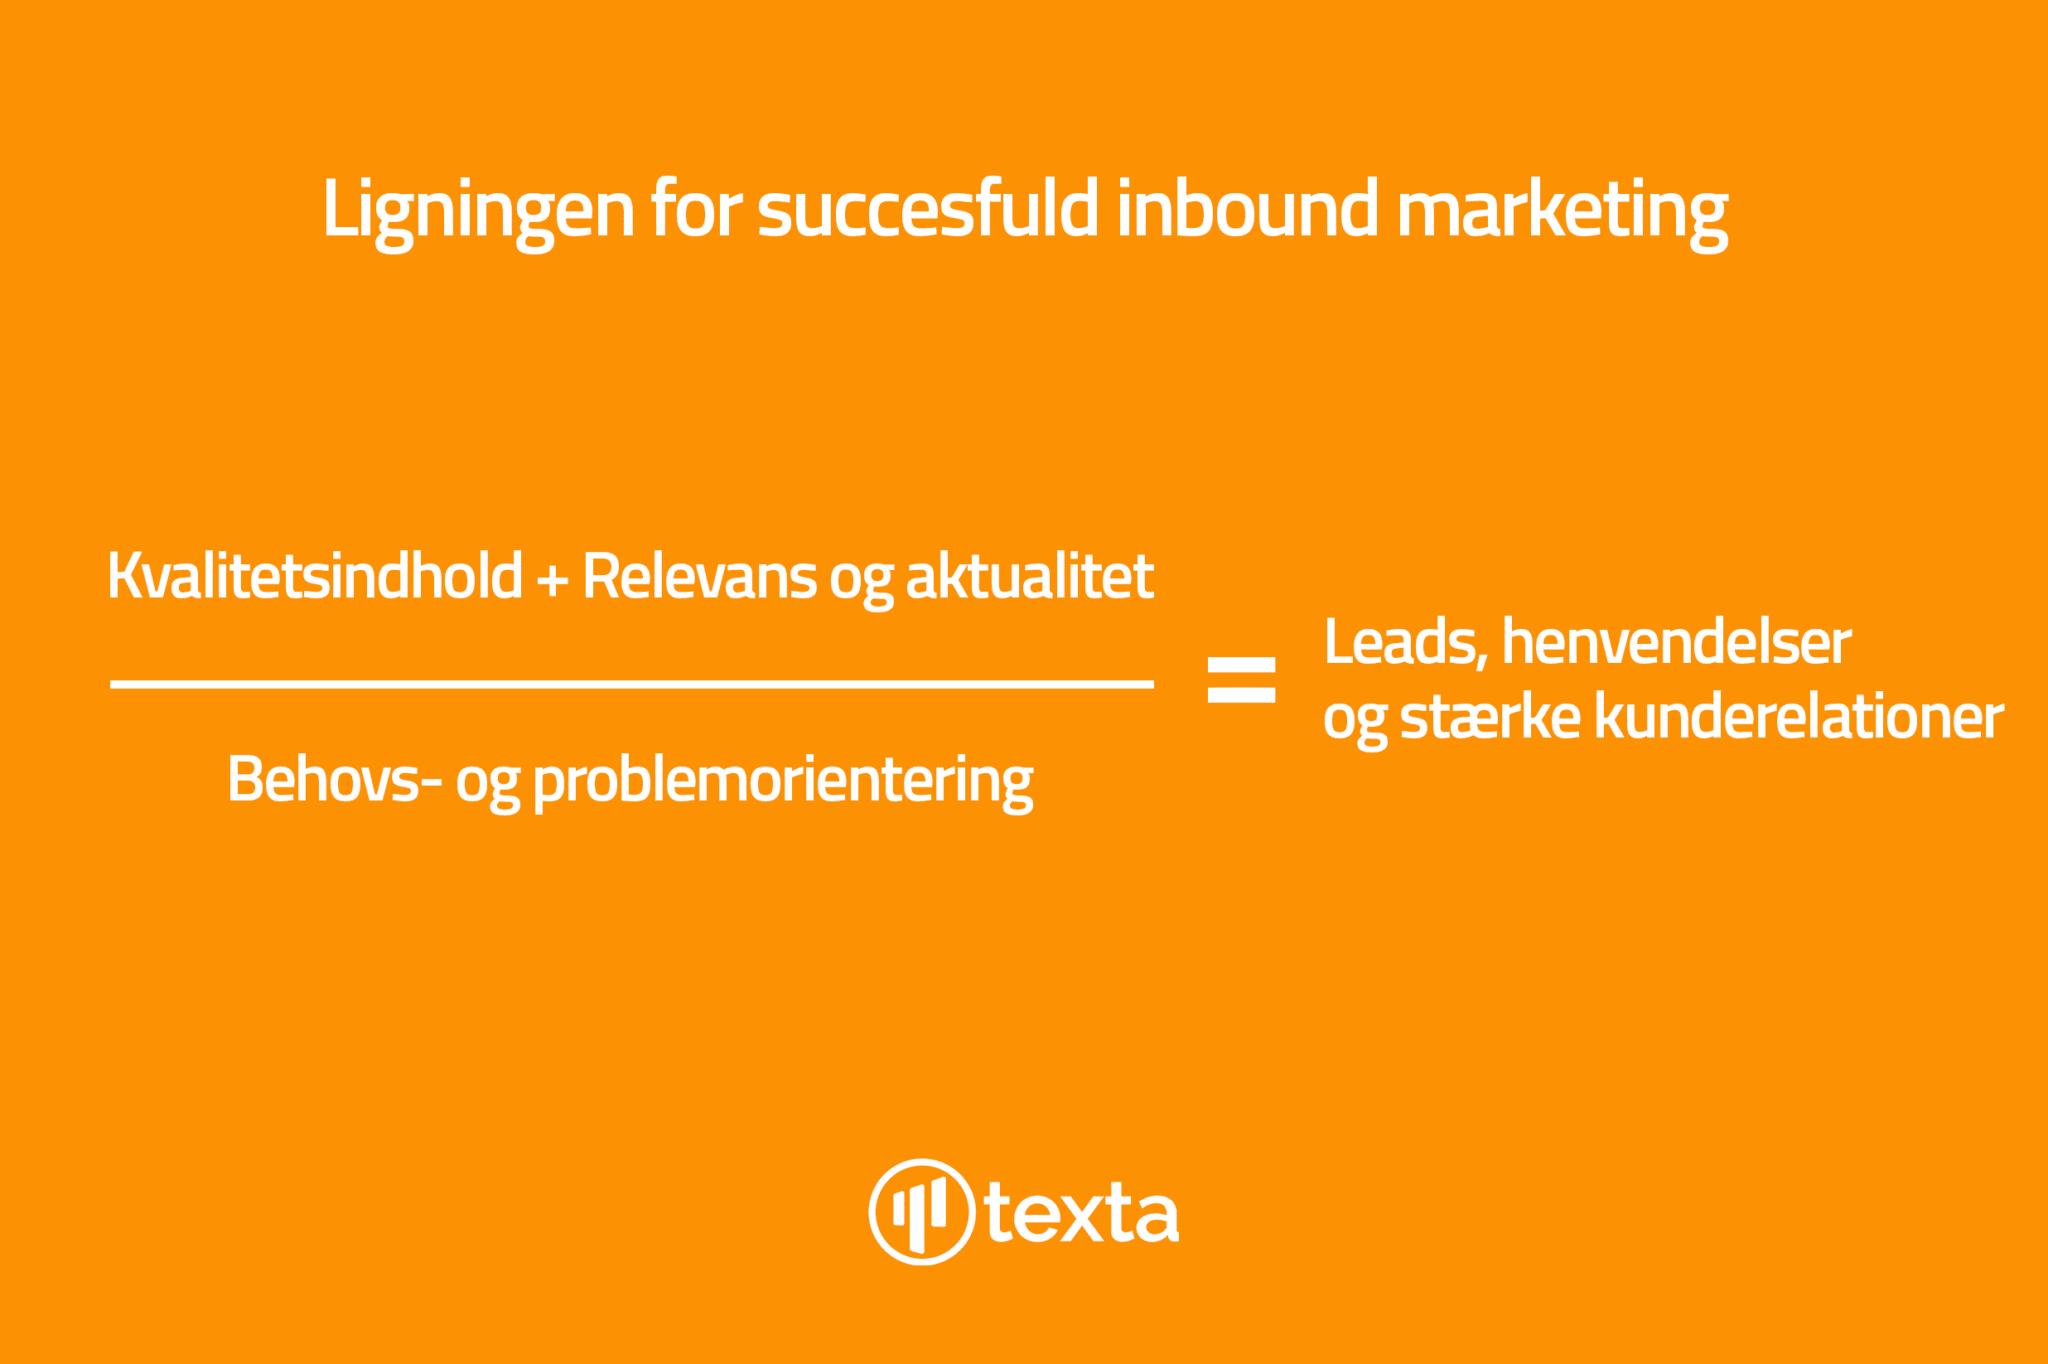 Inbound marketing - Ligning